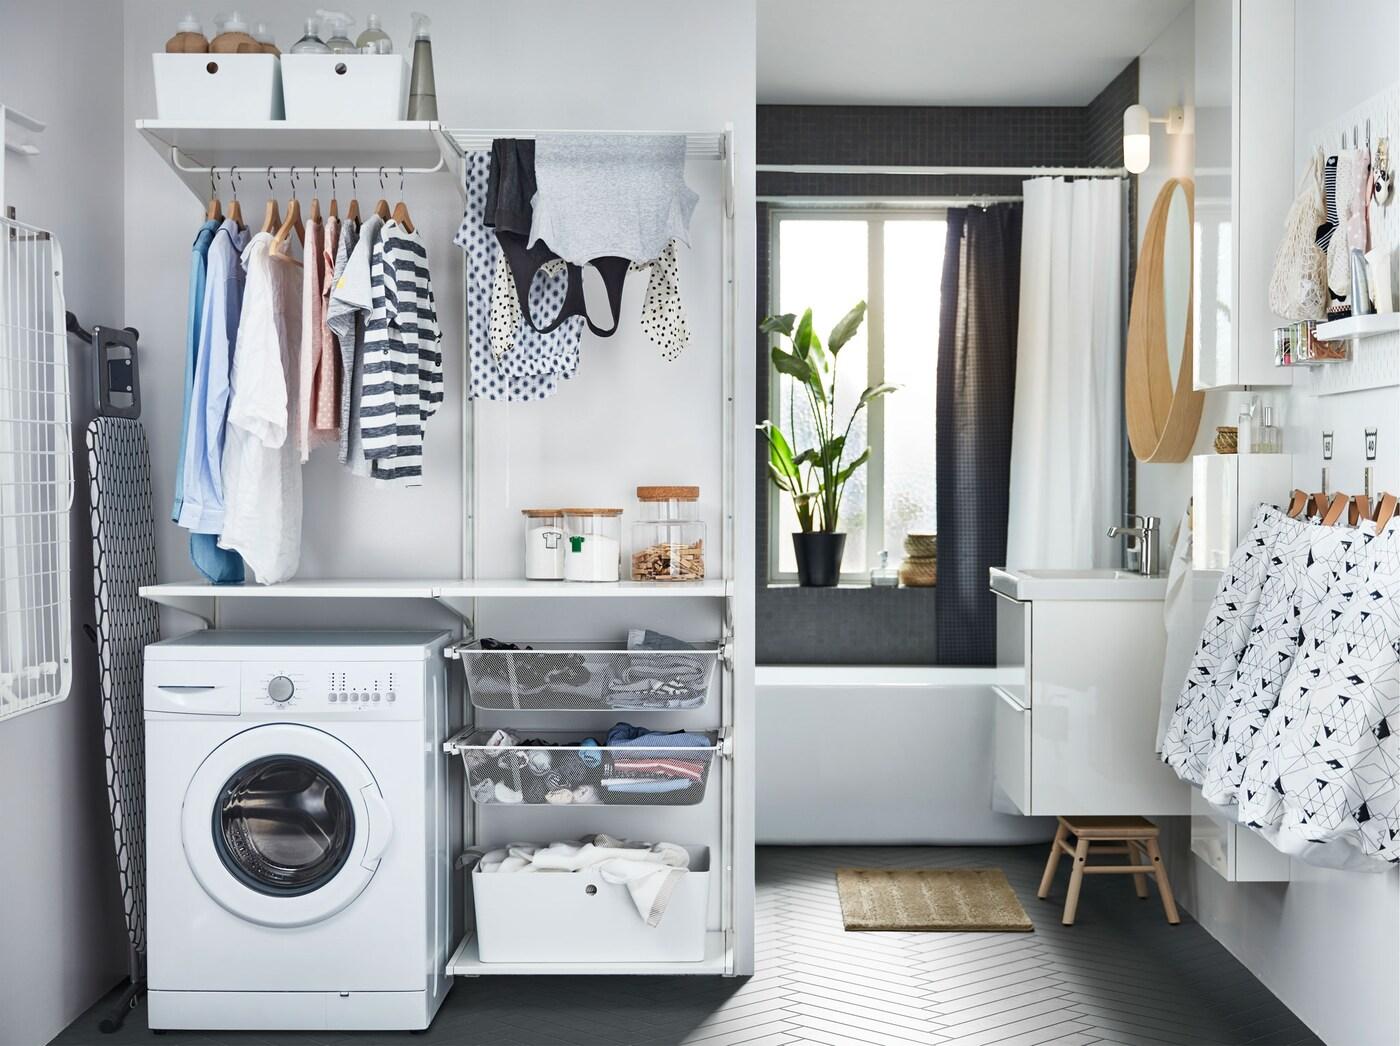 Waschkuche Waschraum Ideen Inspirationen Ikea Deutschland